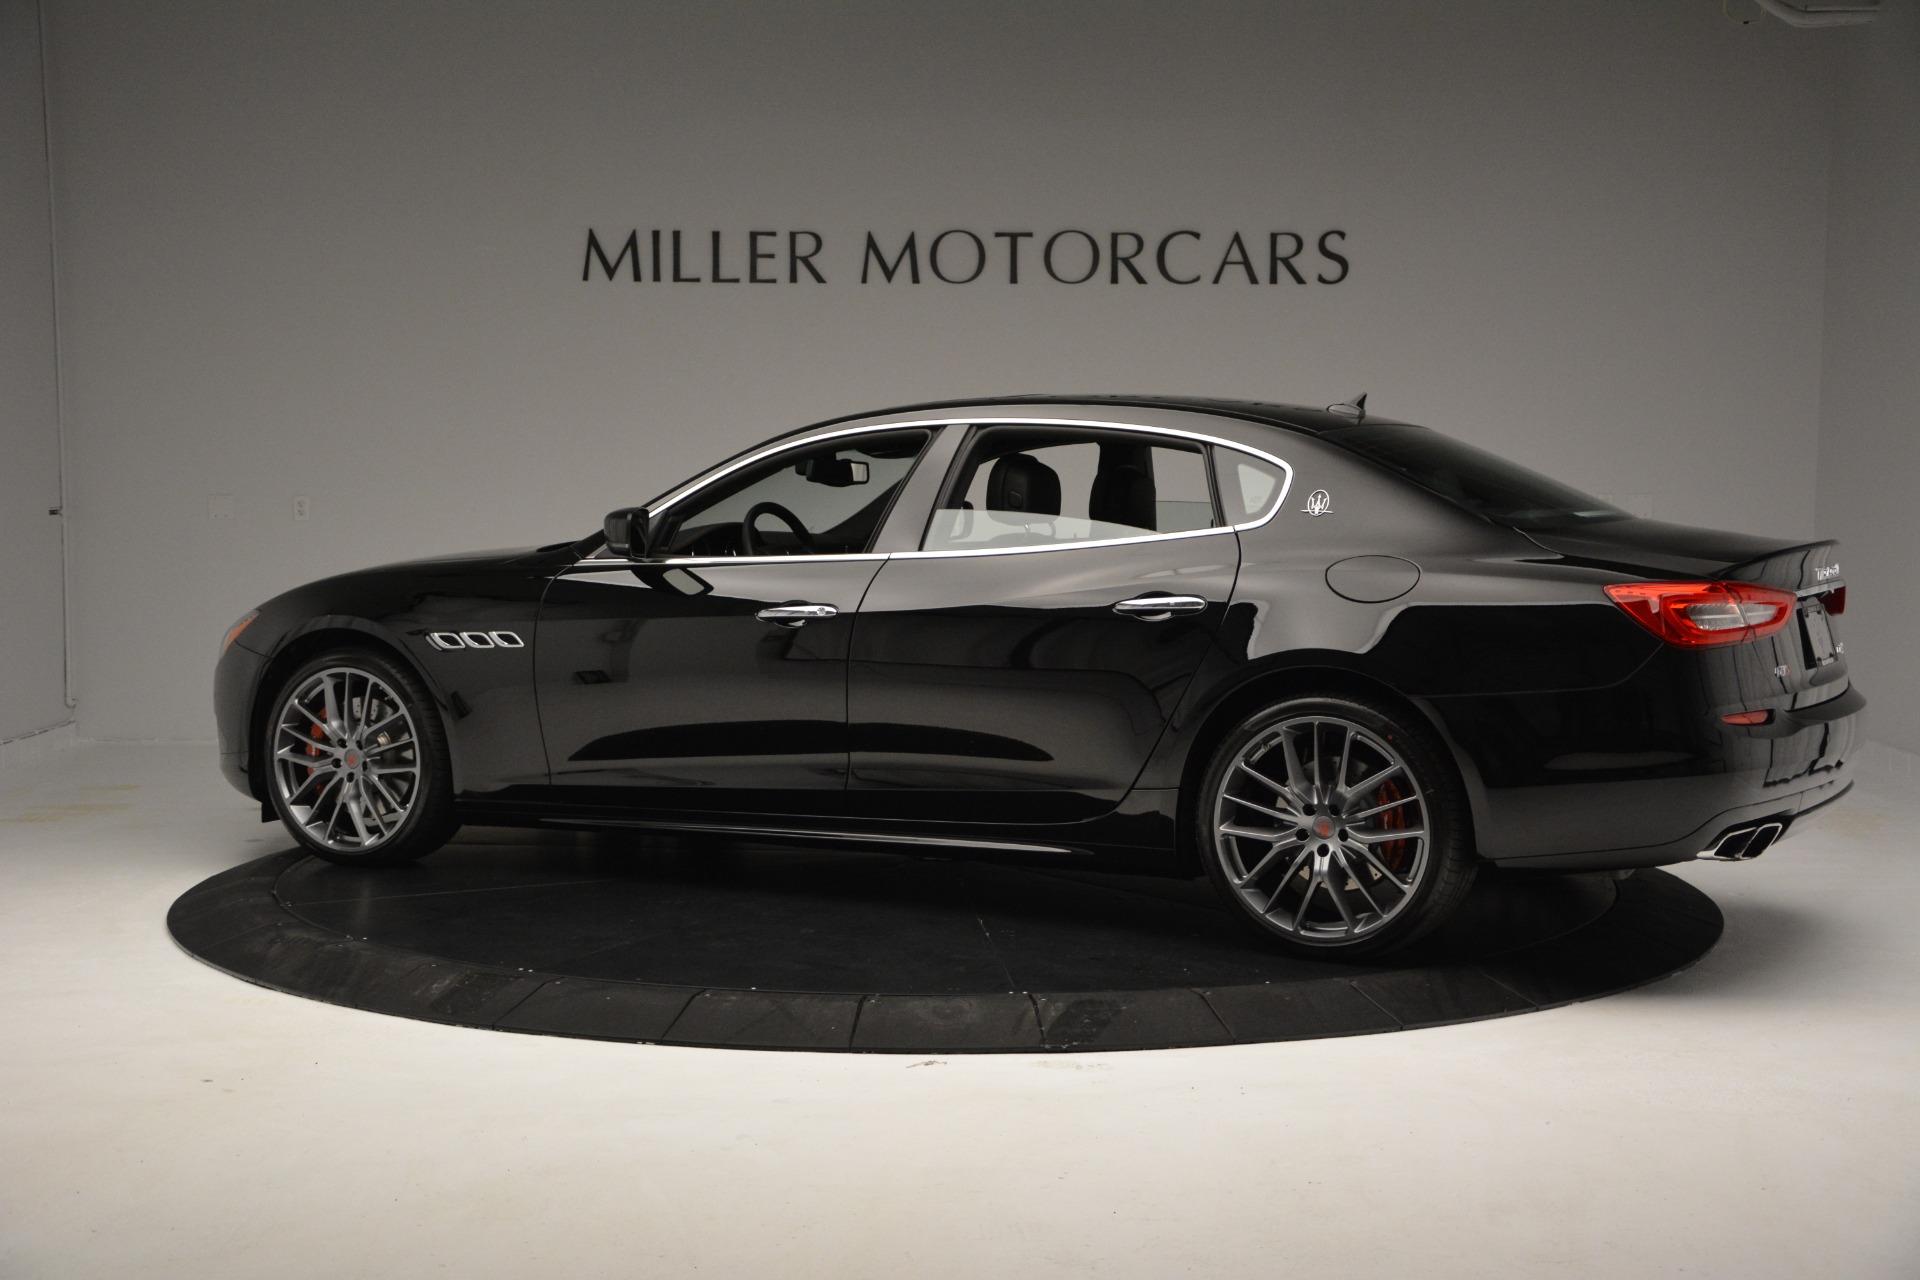 Used 2015 Maserati Quattroporte GTS For Sale In Greenwich, CT 2993_p4